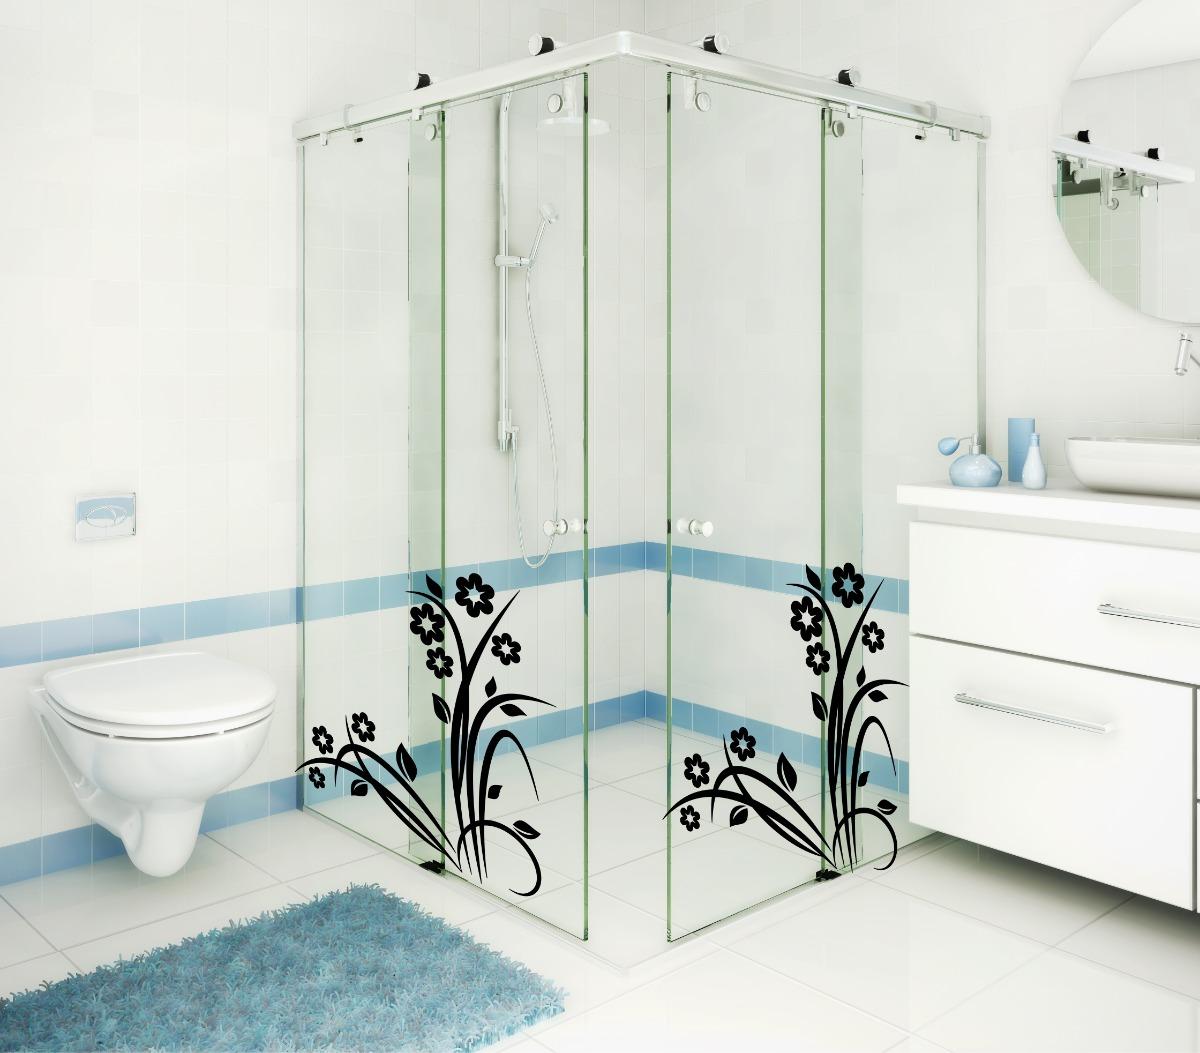 adesivo para box de banheiro decorativo para vidros janelas Quotes #4C727F 1200 1053